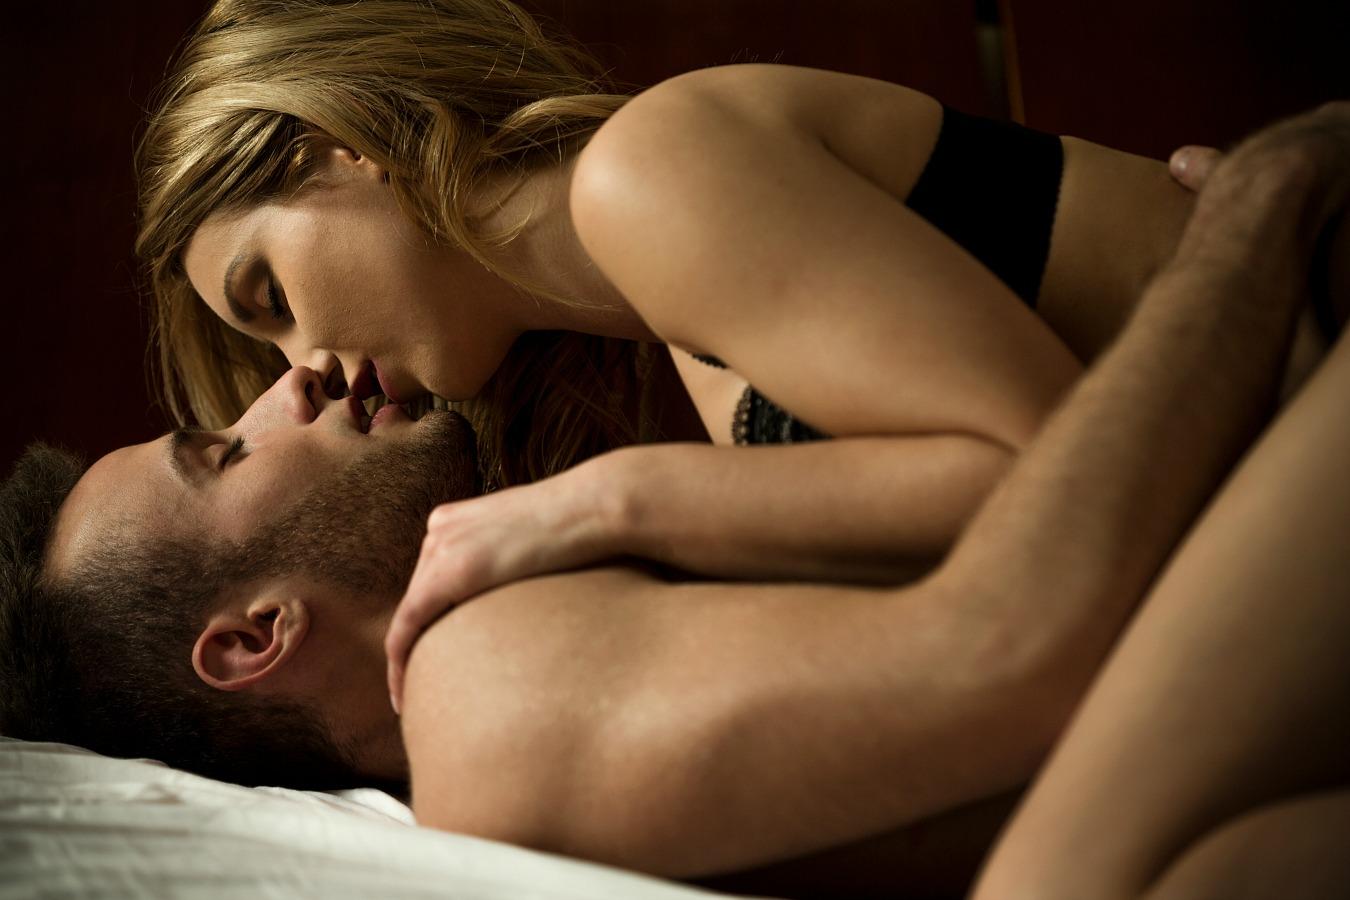 sapo classificados sexo oral